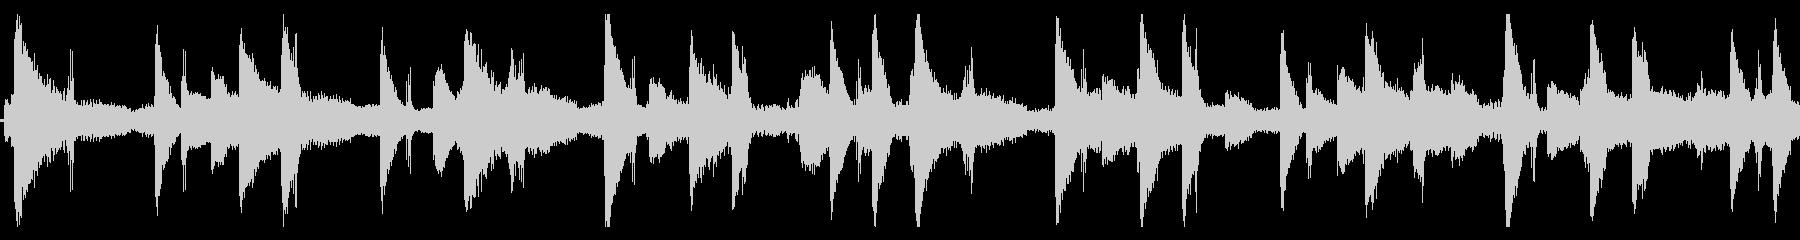 作業中に聴きたいLofi-hiphopの未再生の波形